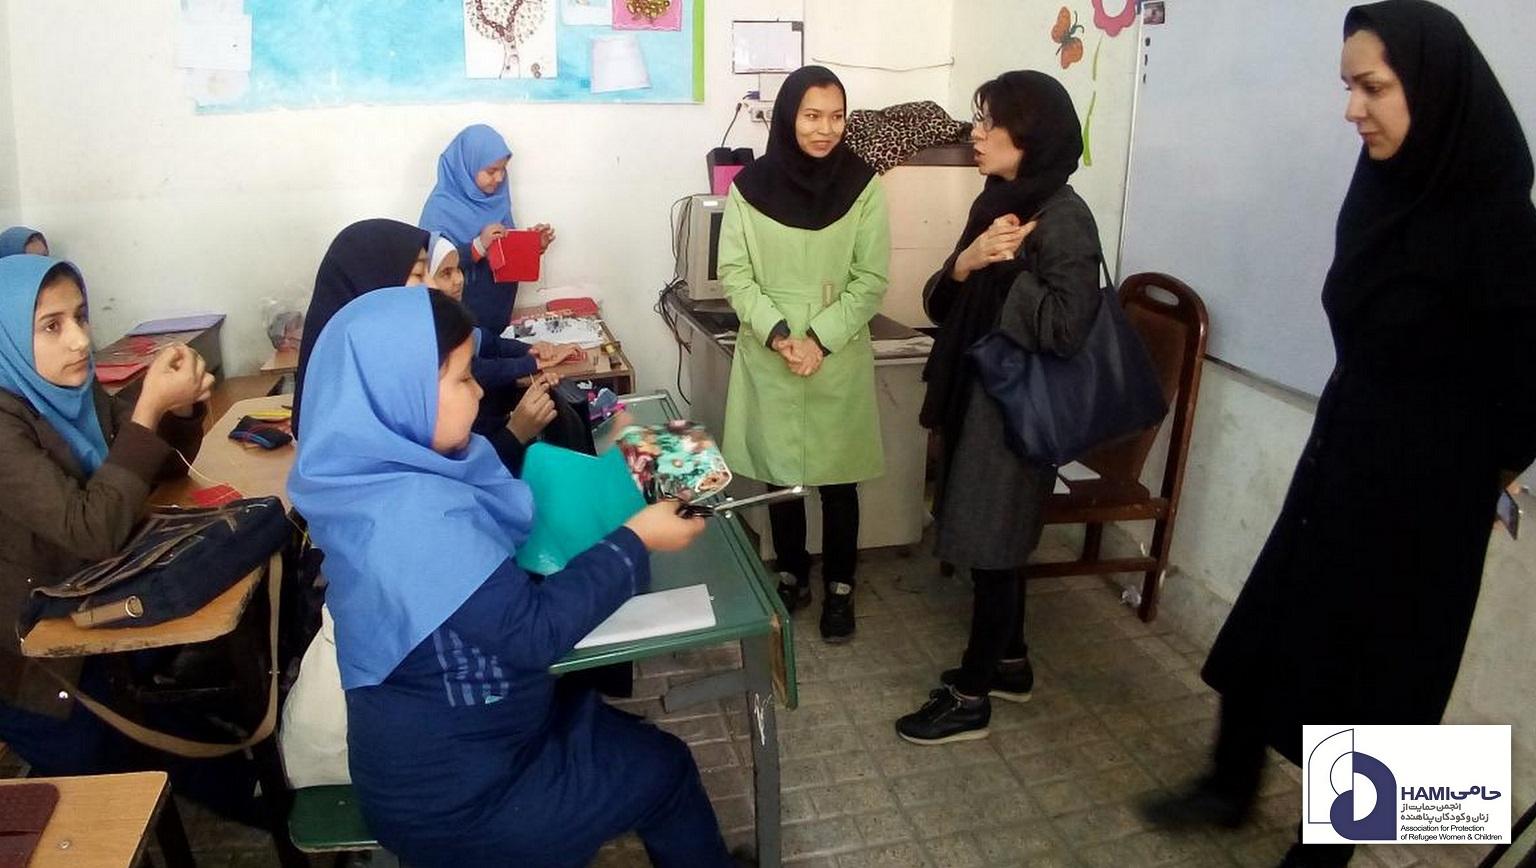 بازدید نماینده یونیسف مرکز آموزشی حامی واحد مشهد